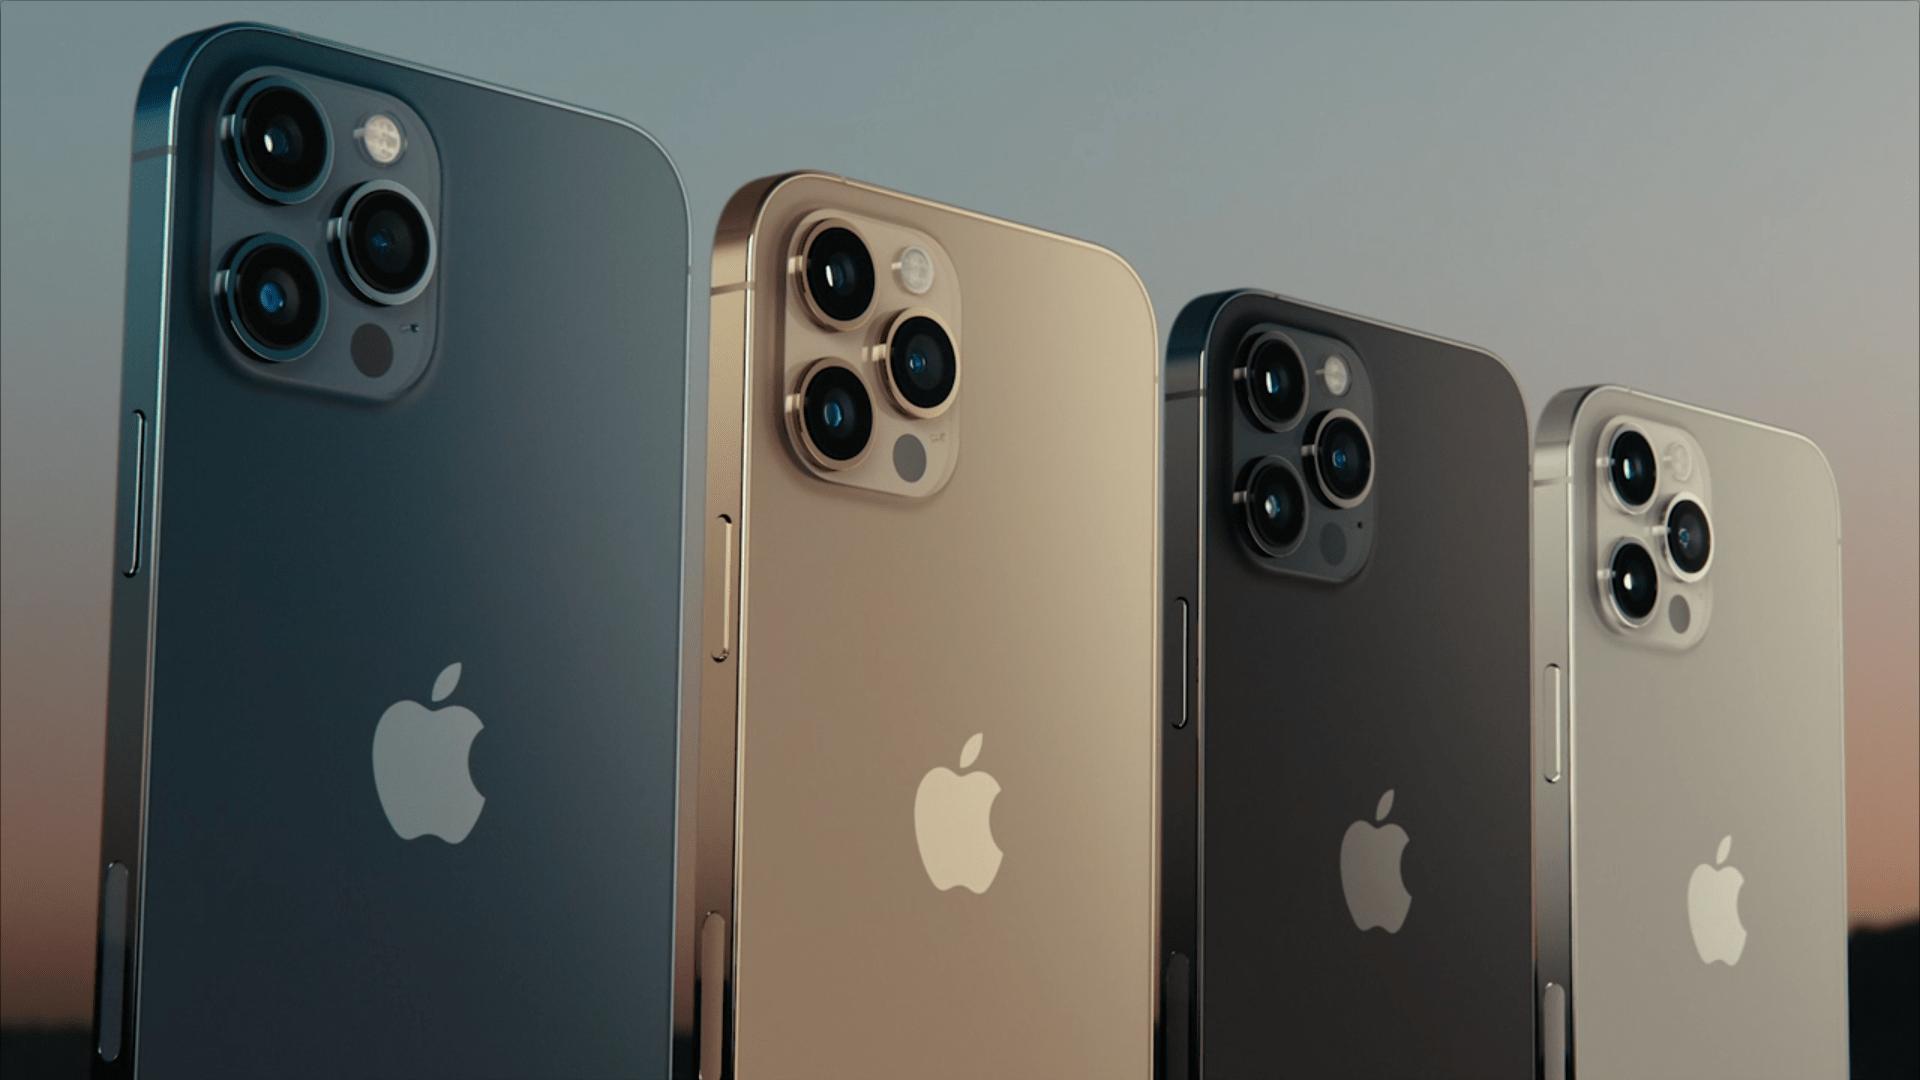 美版 iPhone 12 独占的毫米波才是真 5G 吗?